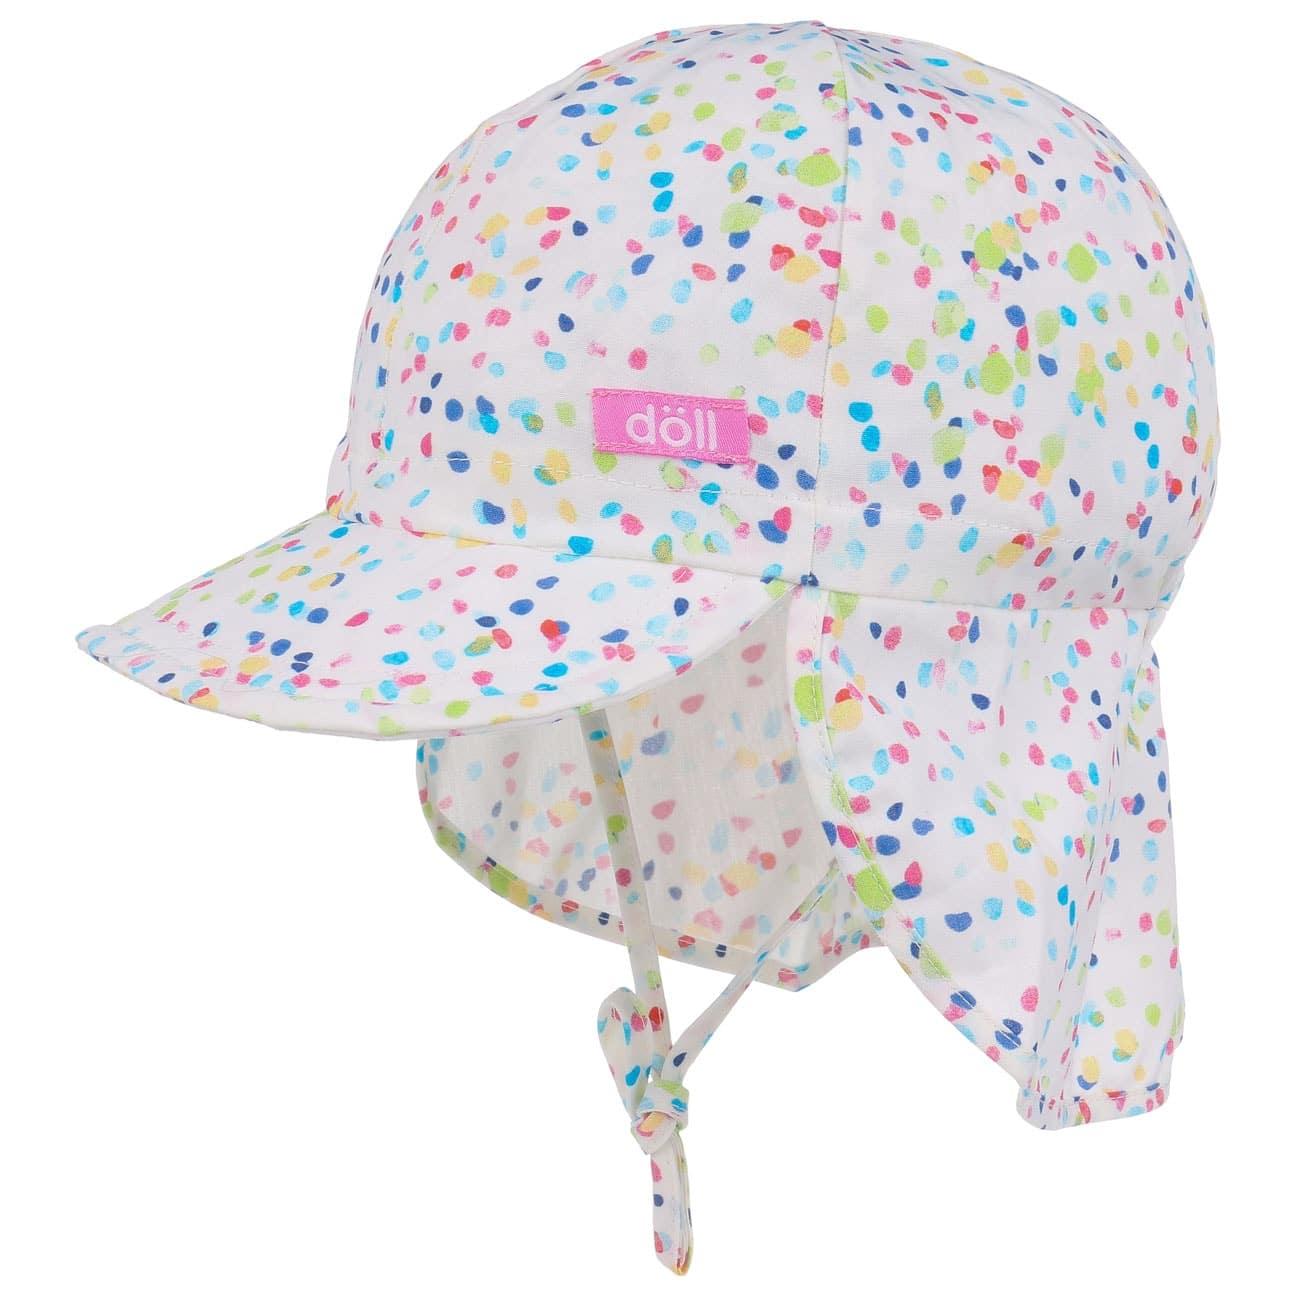 Gorra de Ni?o Colour Dots by D?ll  gorra de algod?n